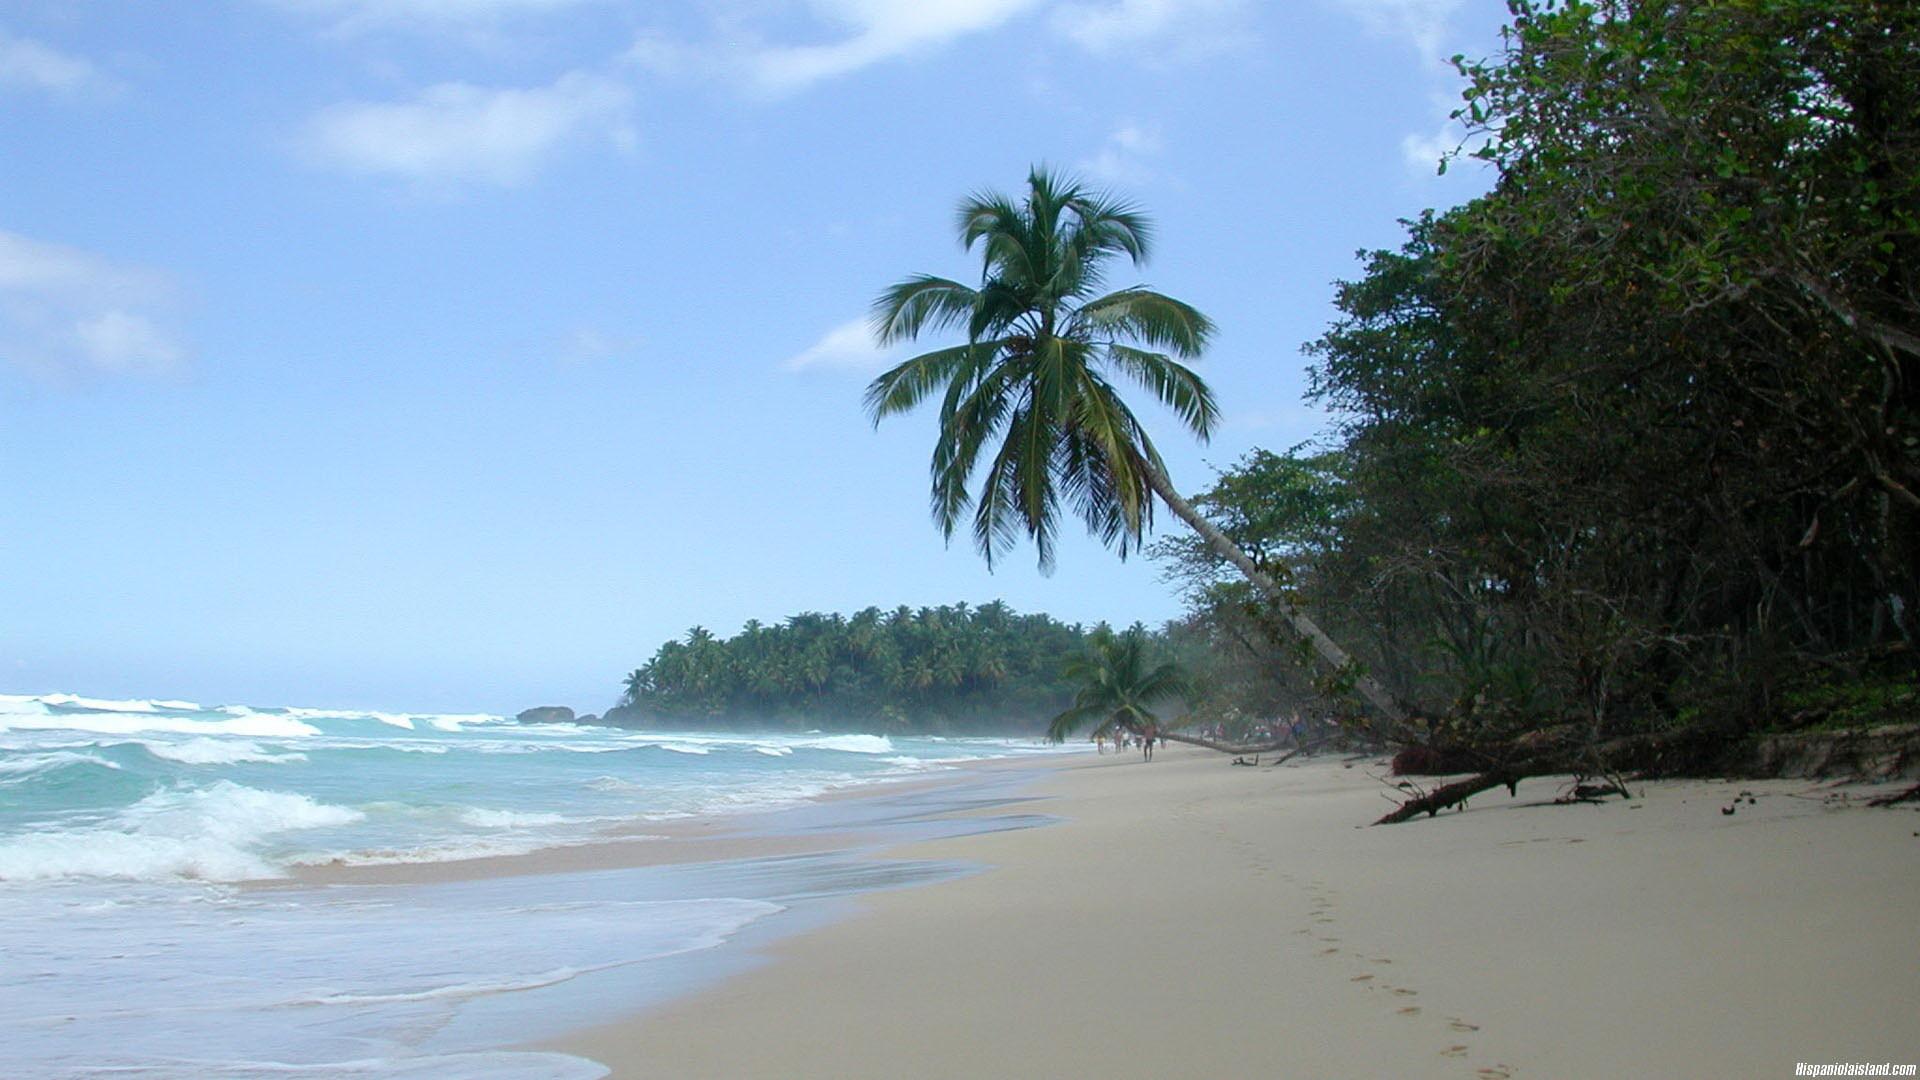 Beach Playa Grande HD 1080p